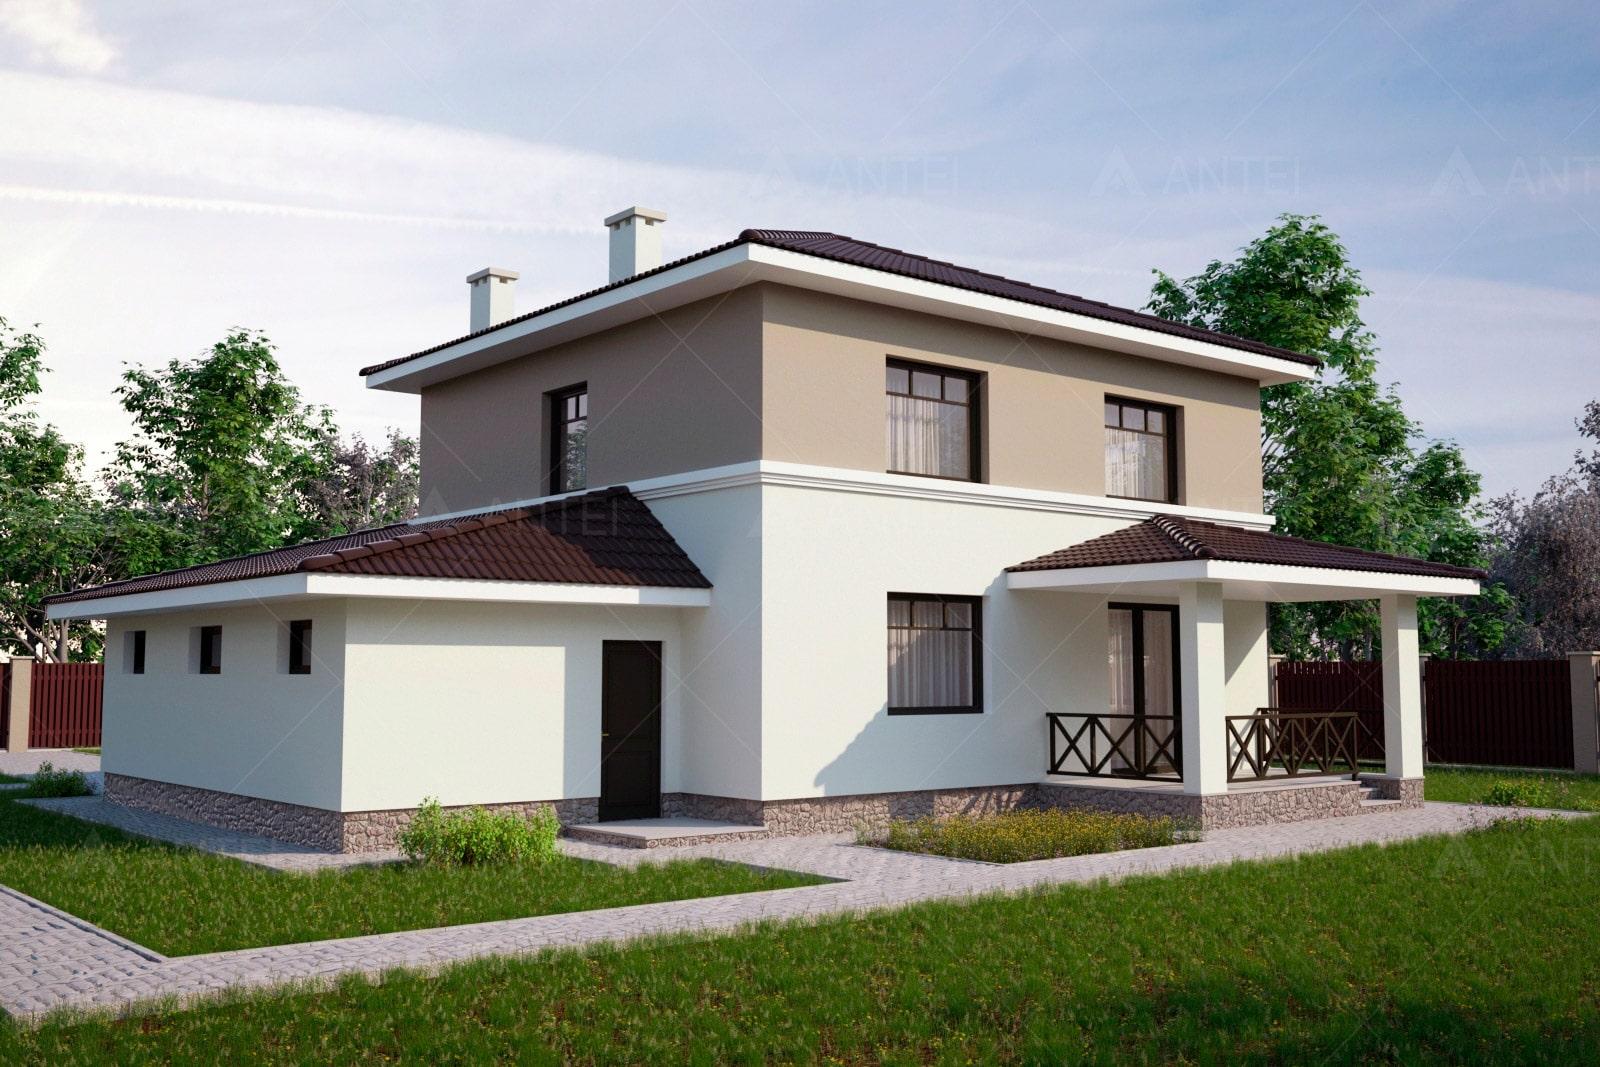 Проект двухэтажного дома с гаражом и террасой «КД-25» - фото №1